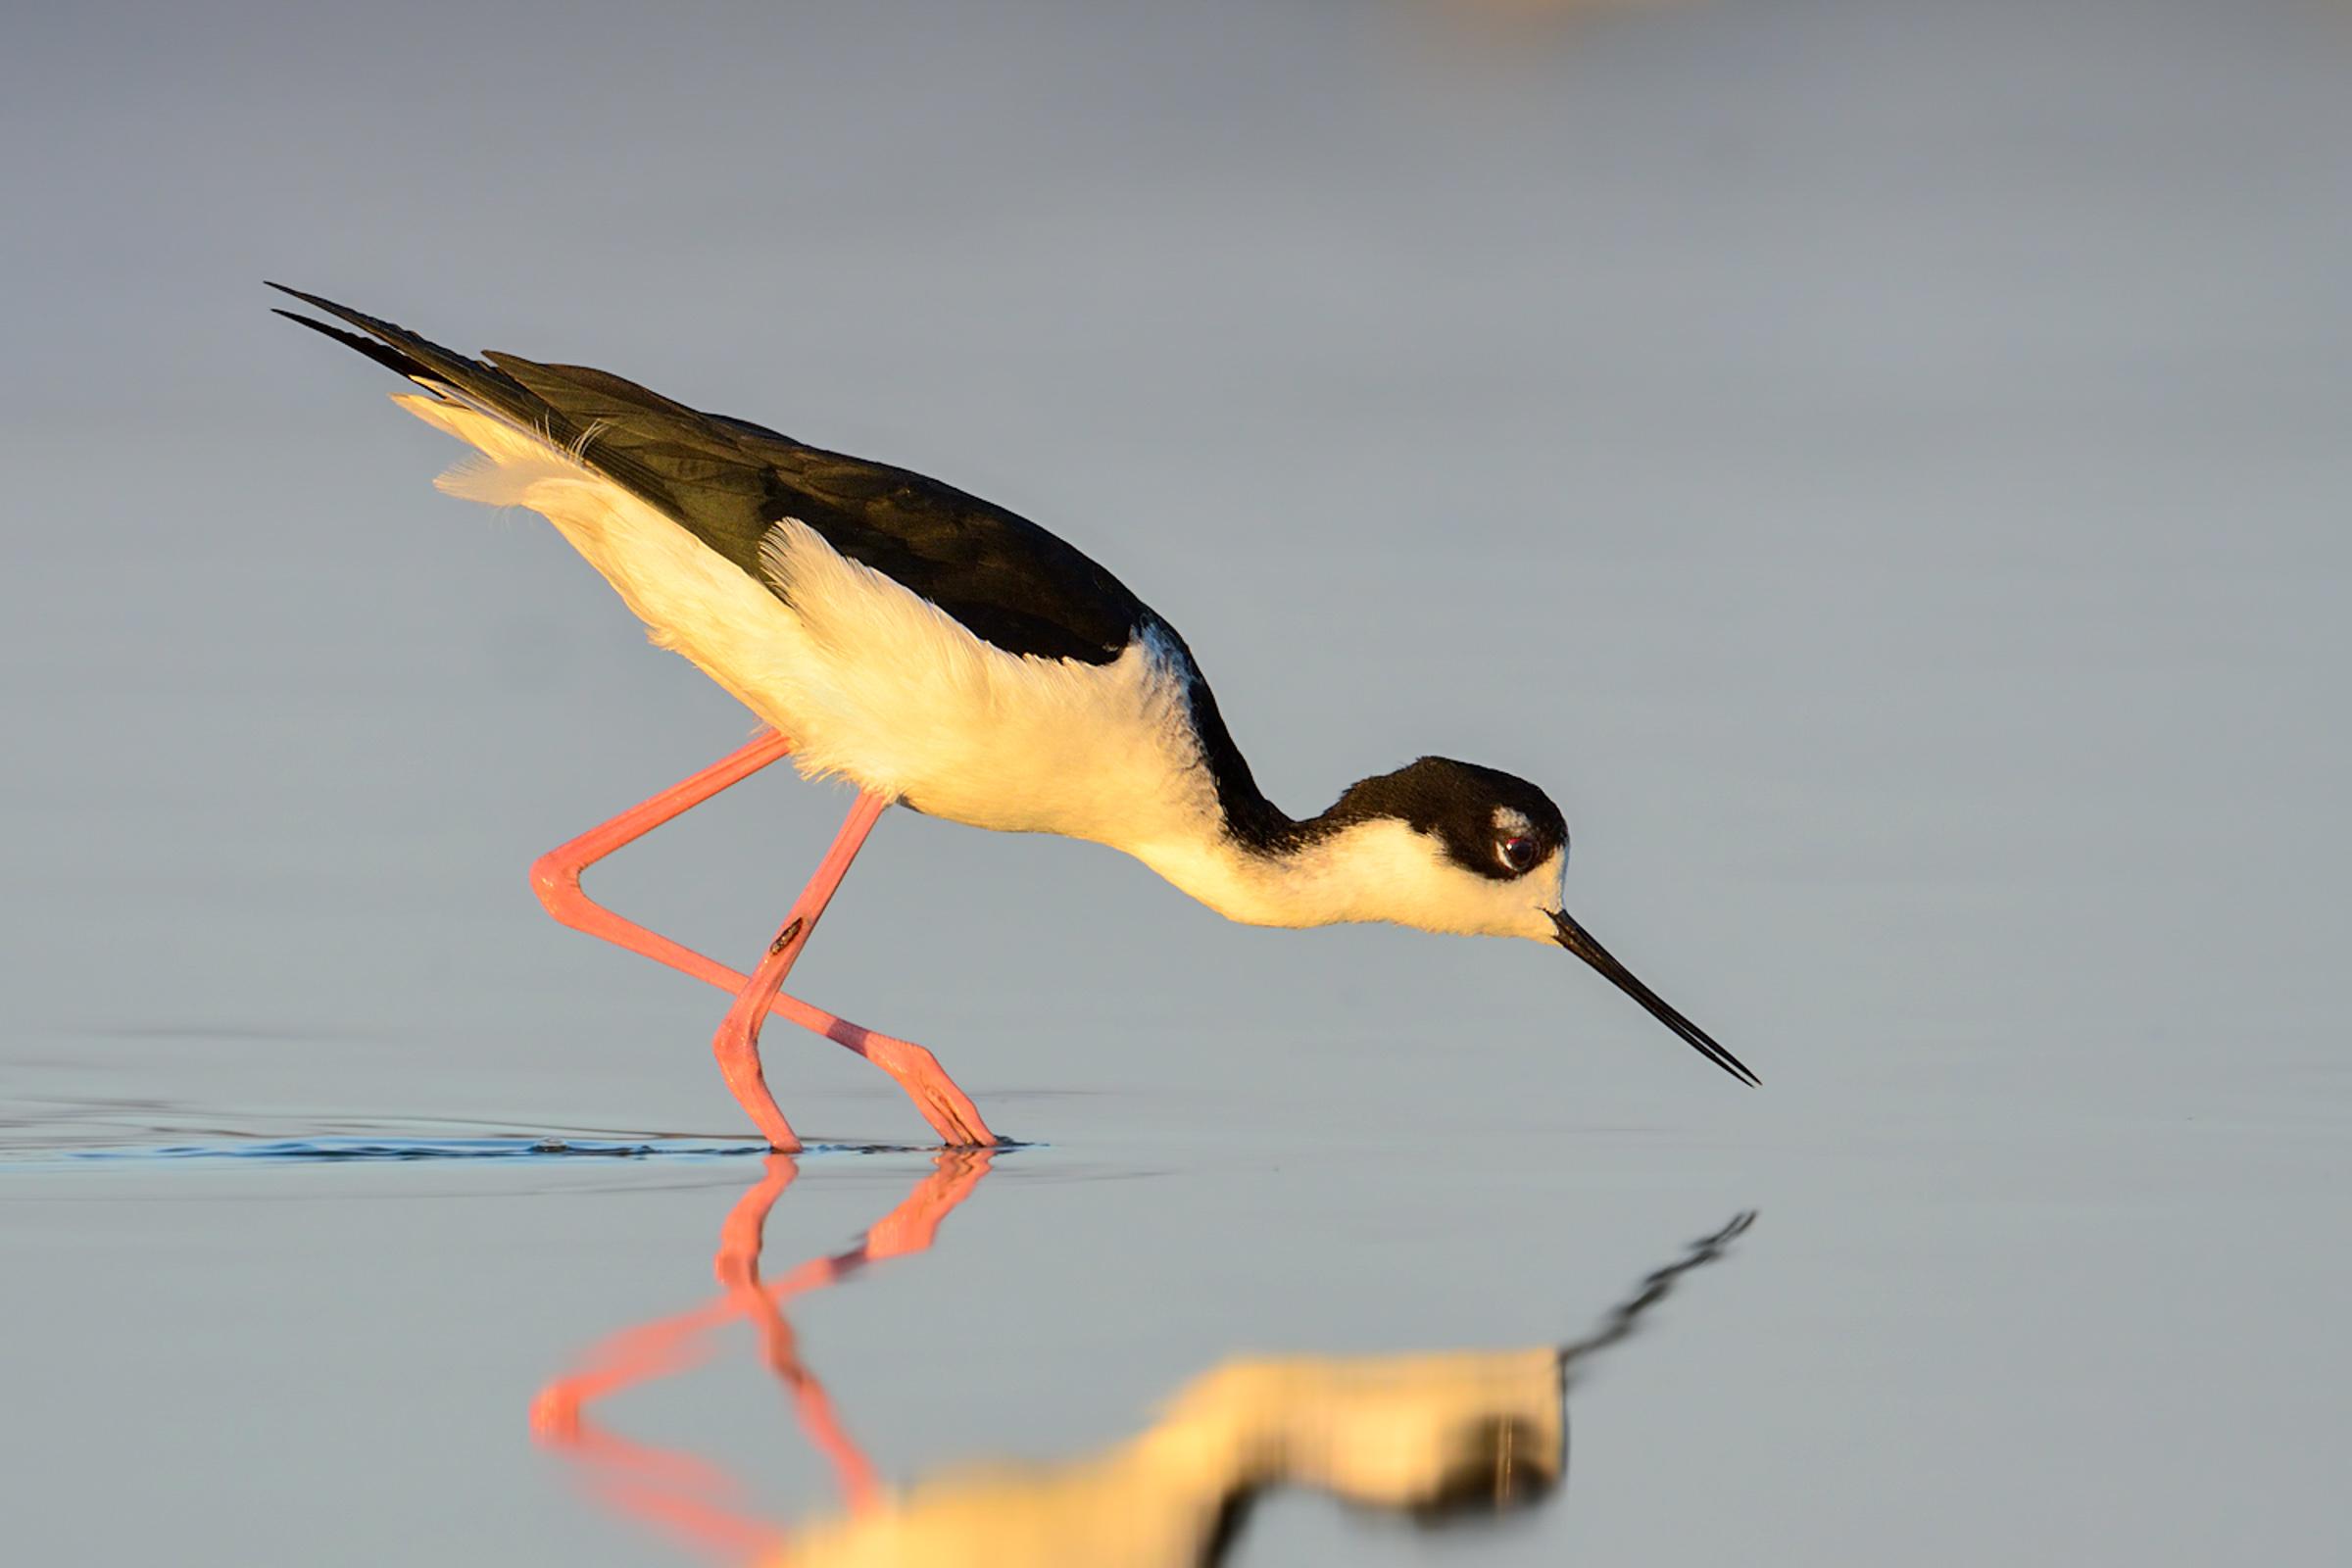 Black-necked Stilt. Photo: William Dix/Audubon Photography Awards.